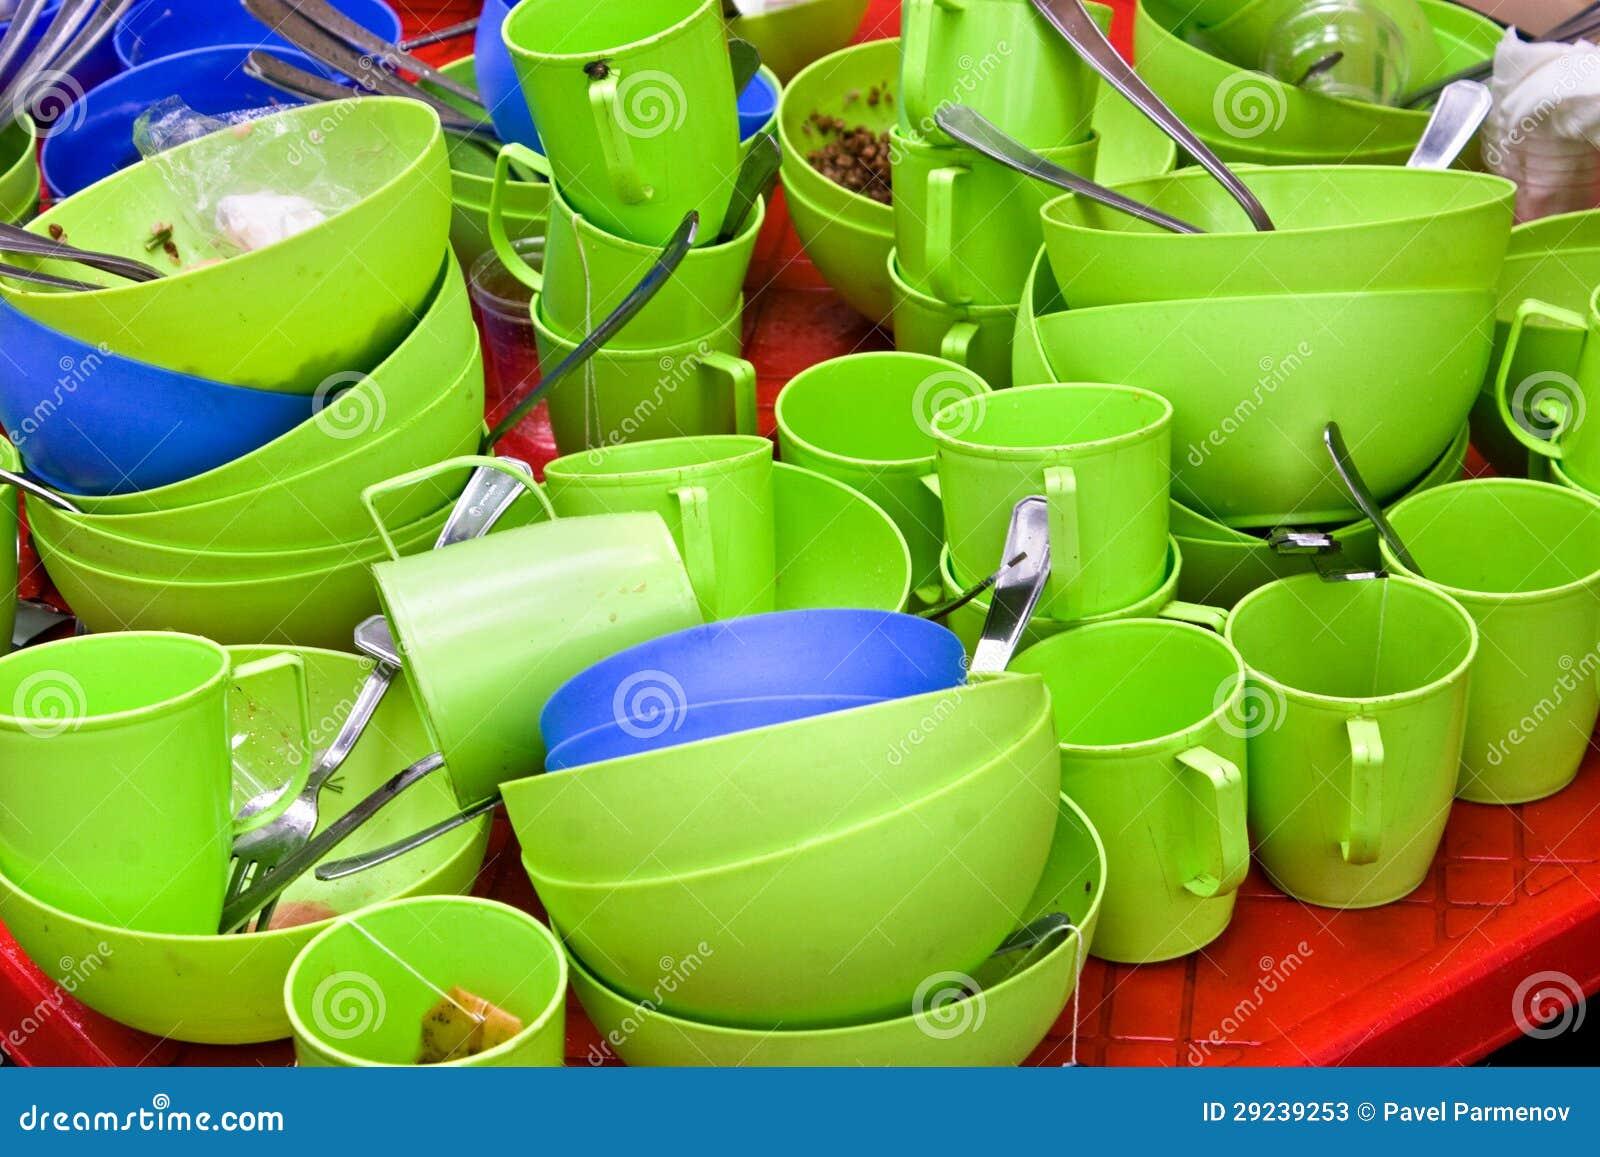 Download Utensílios de mesa sujos imagem de stock. Imagem de cozinha - 29239253